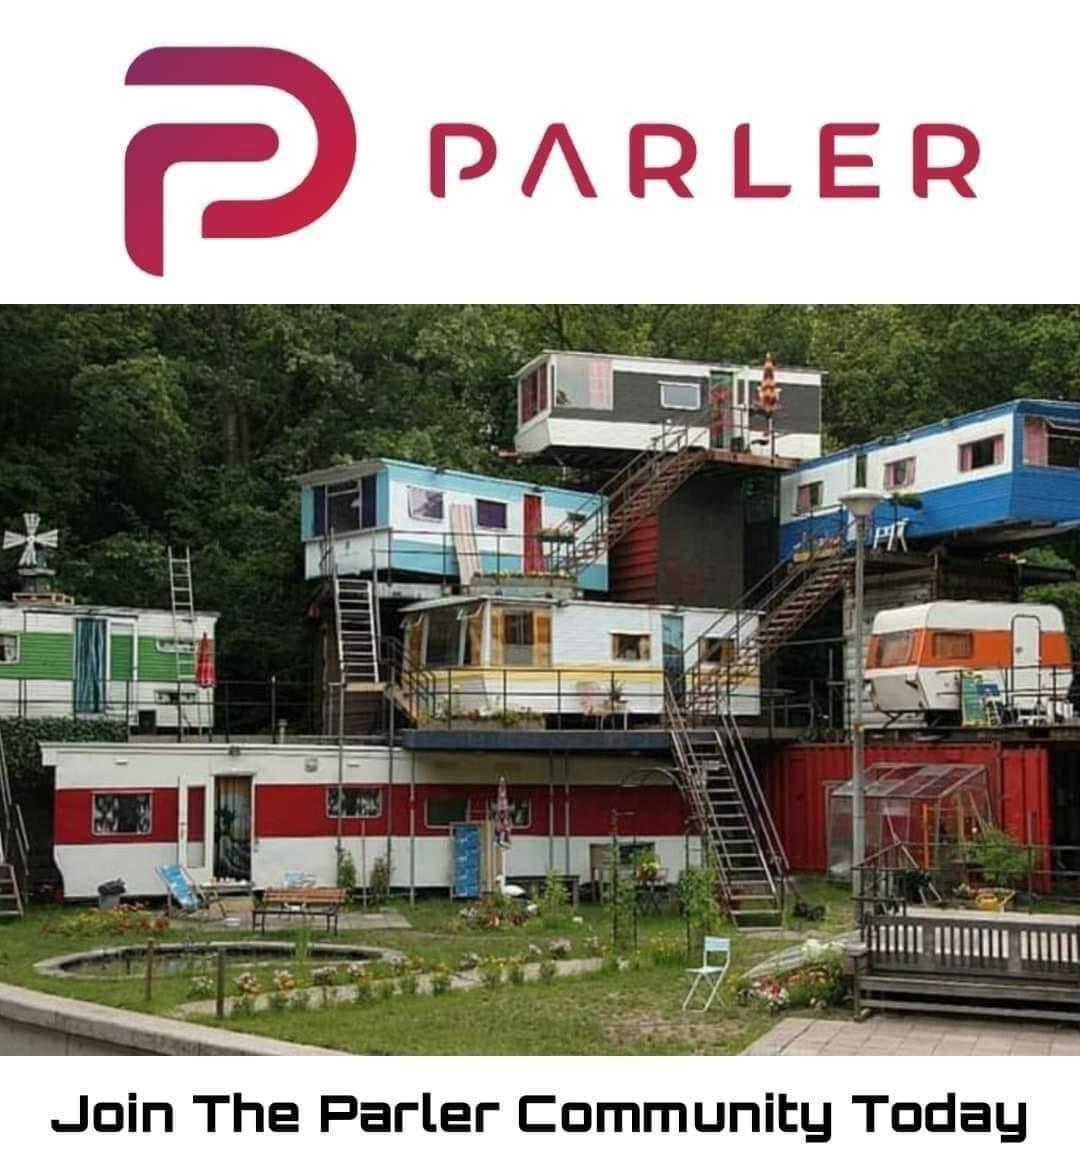 #ParlerHacked